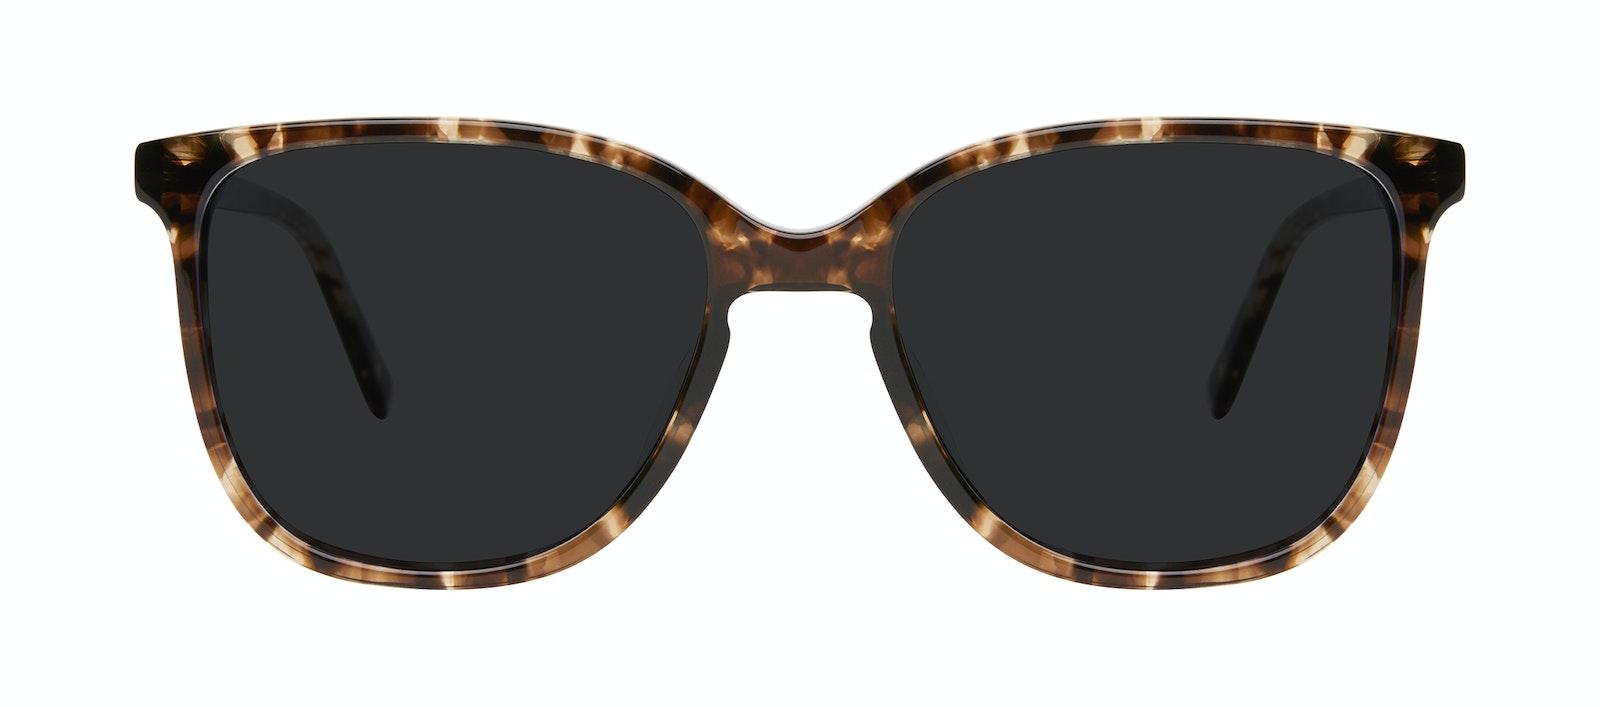 Lunettes tendance Carrée Lunettes de soleil Femmes Lead Leopard Face